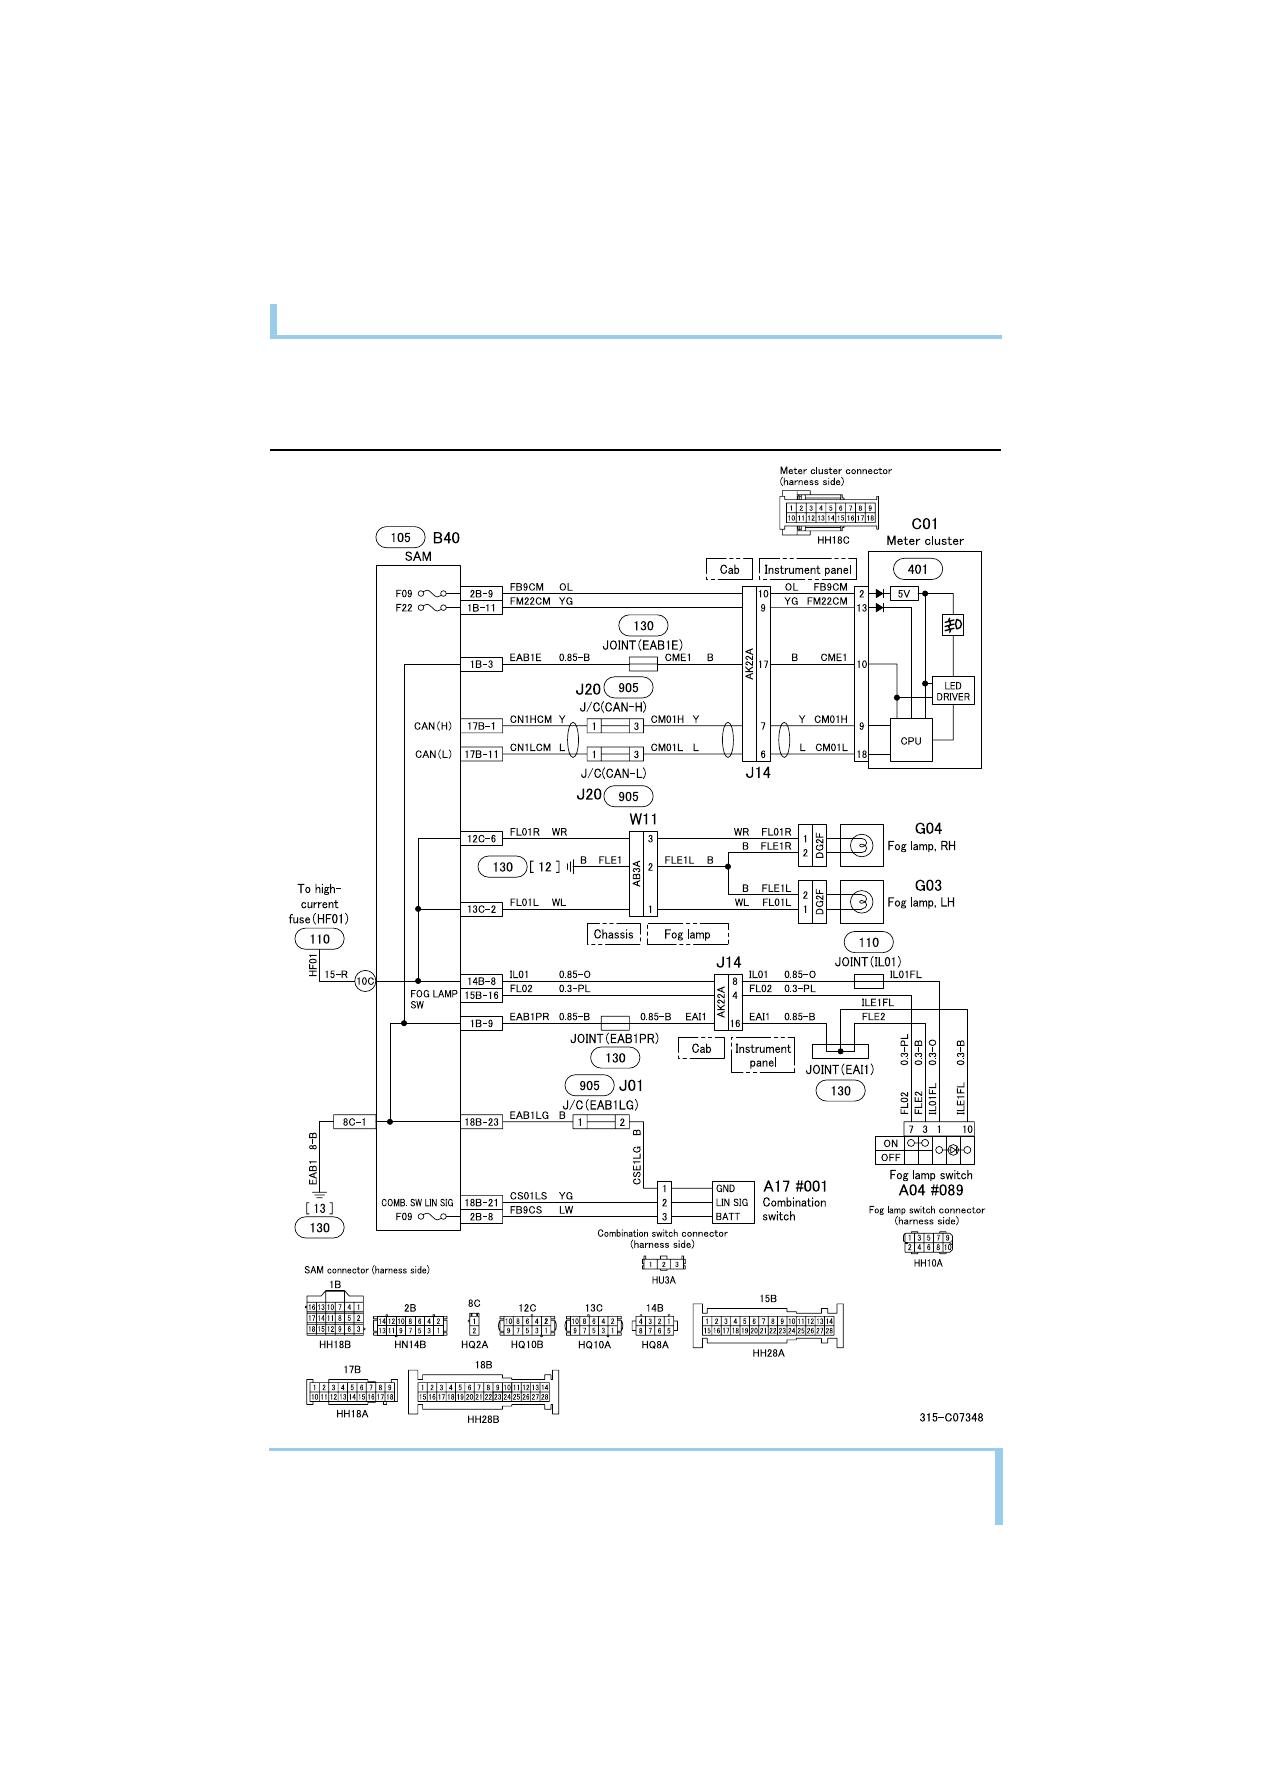 Berühmt Mitsubishi Mini Lkw Schaltplan Galerie - Der Schaltplan ...